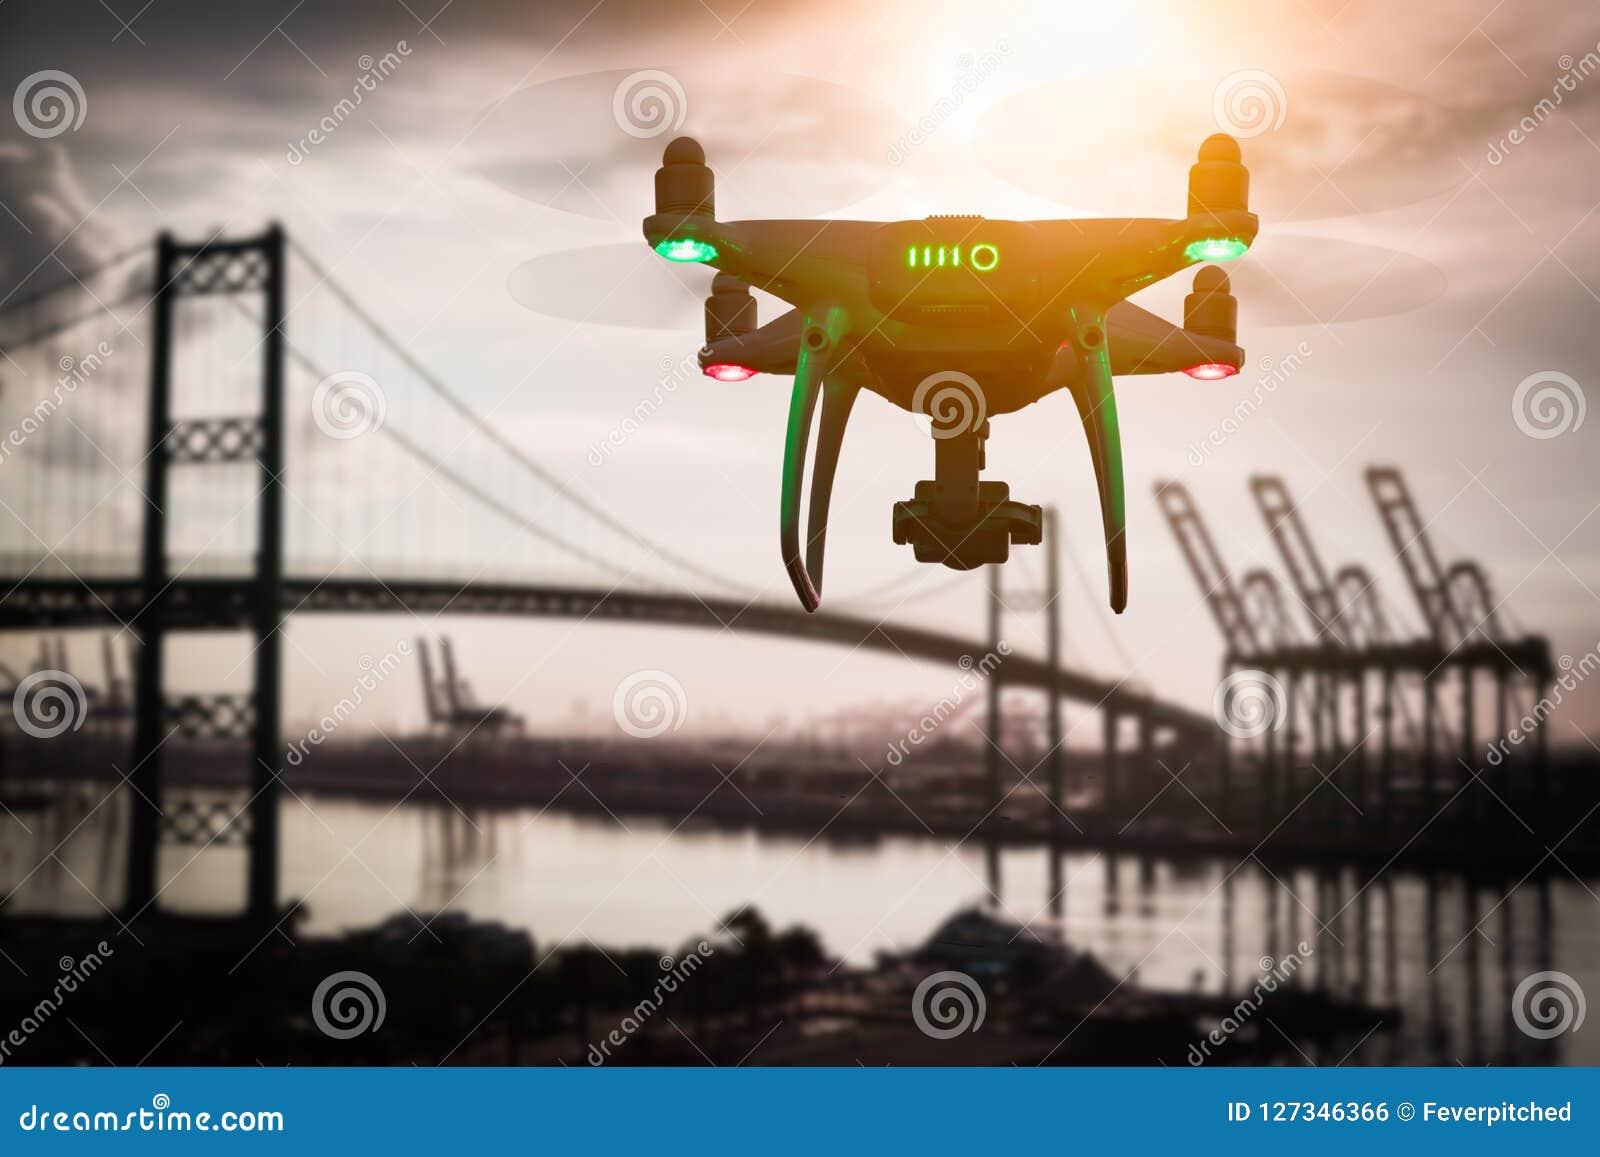 Silueta del abejón sin tripulación del sistema de aviones UAV Quadcopter